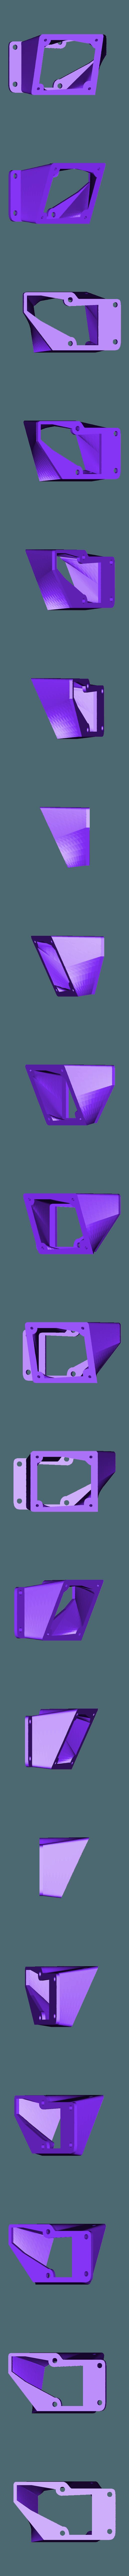 Fanduct40mm-PRINT.stl Télécharger fichier STL gratuit YaVoFaDu - Encore un conduit de ventilateur de volcan pour le TronXY X5S • Design pour impression 3D, suromark